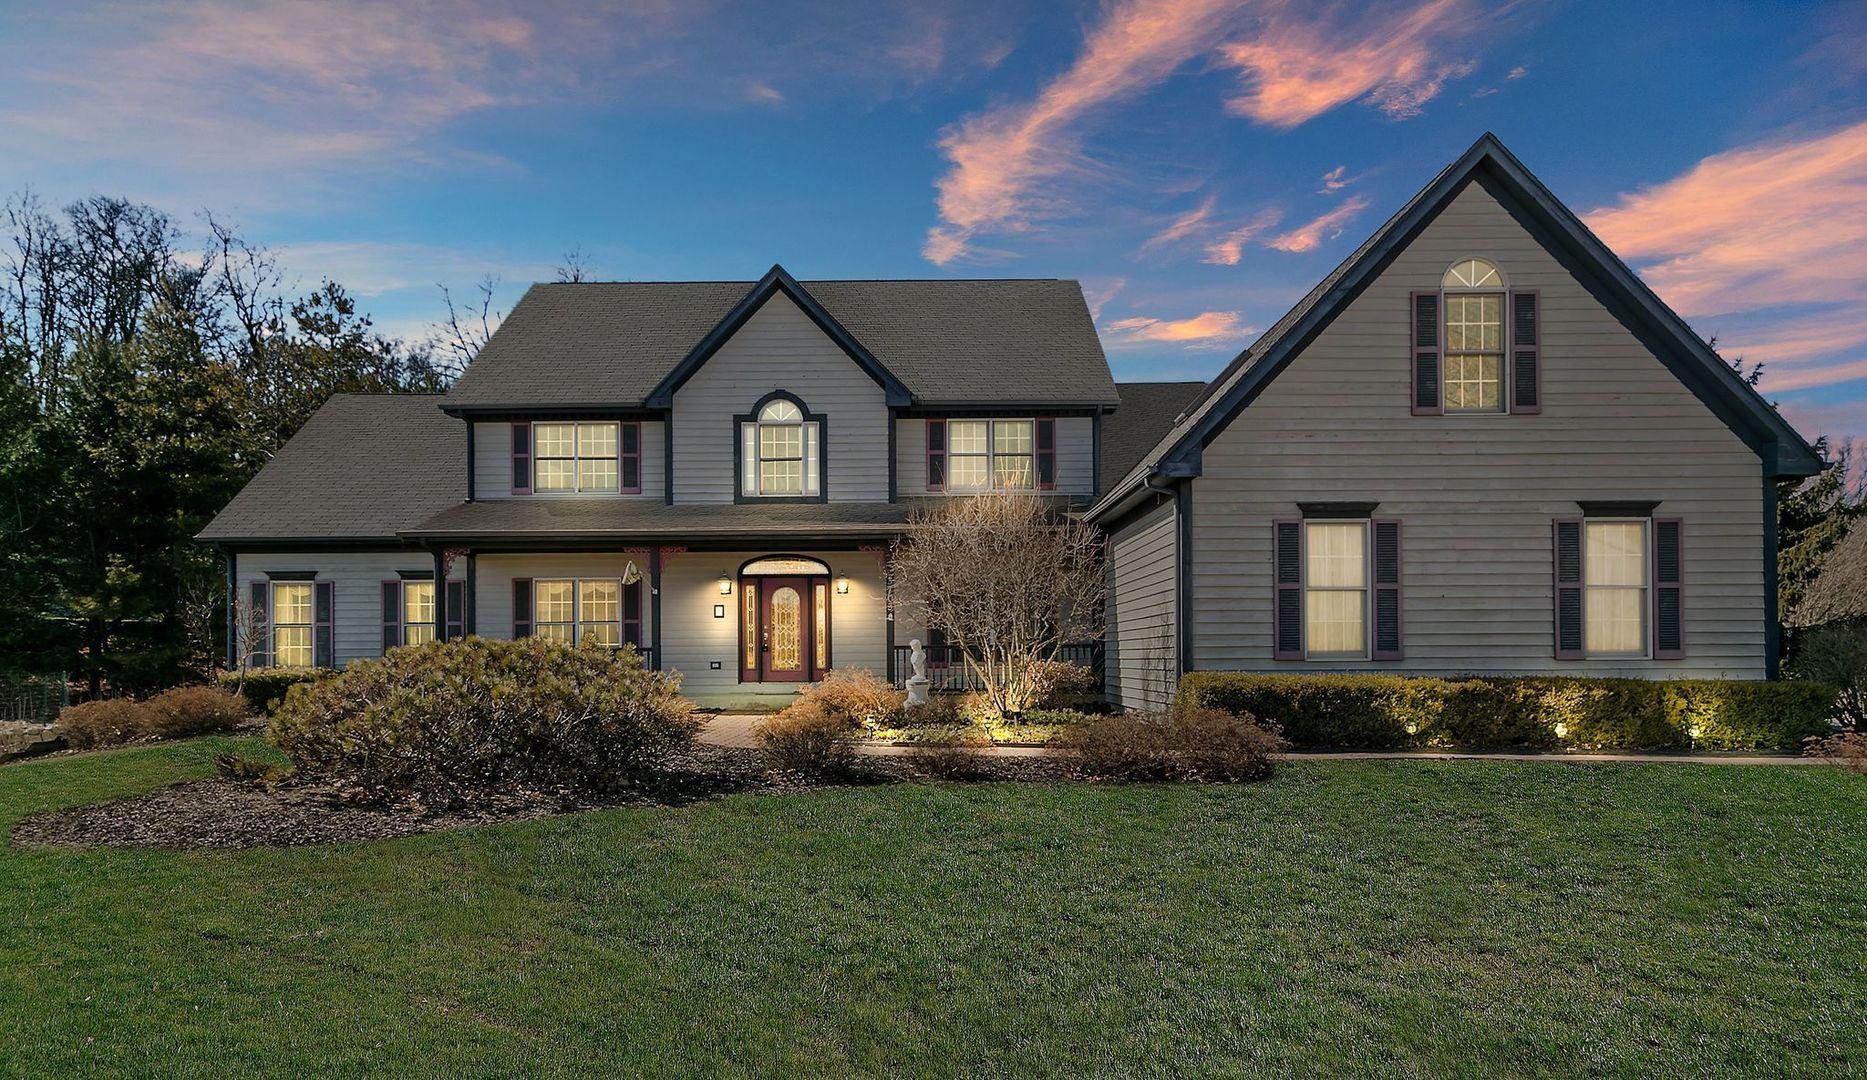 3703 Sutton Woods Drive, Prairie Grove, IL 60012 - #: 10741863